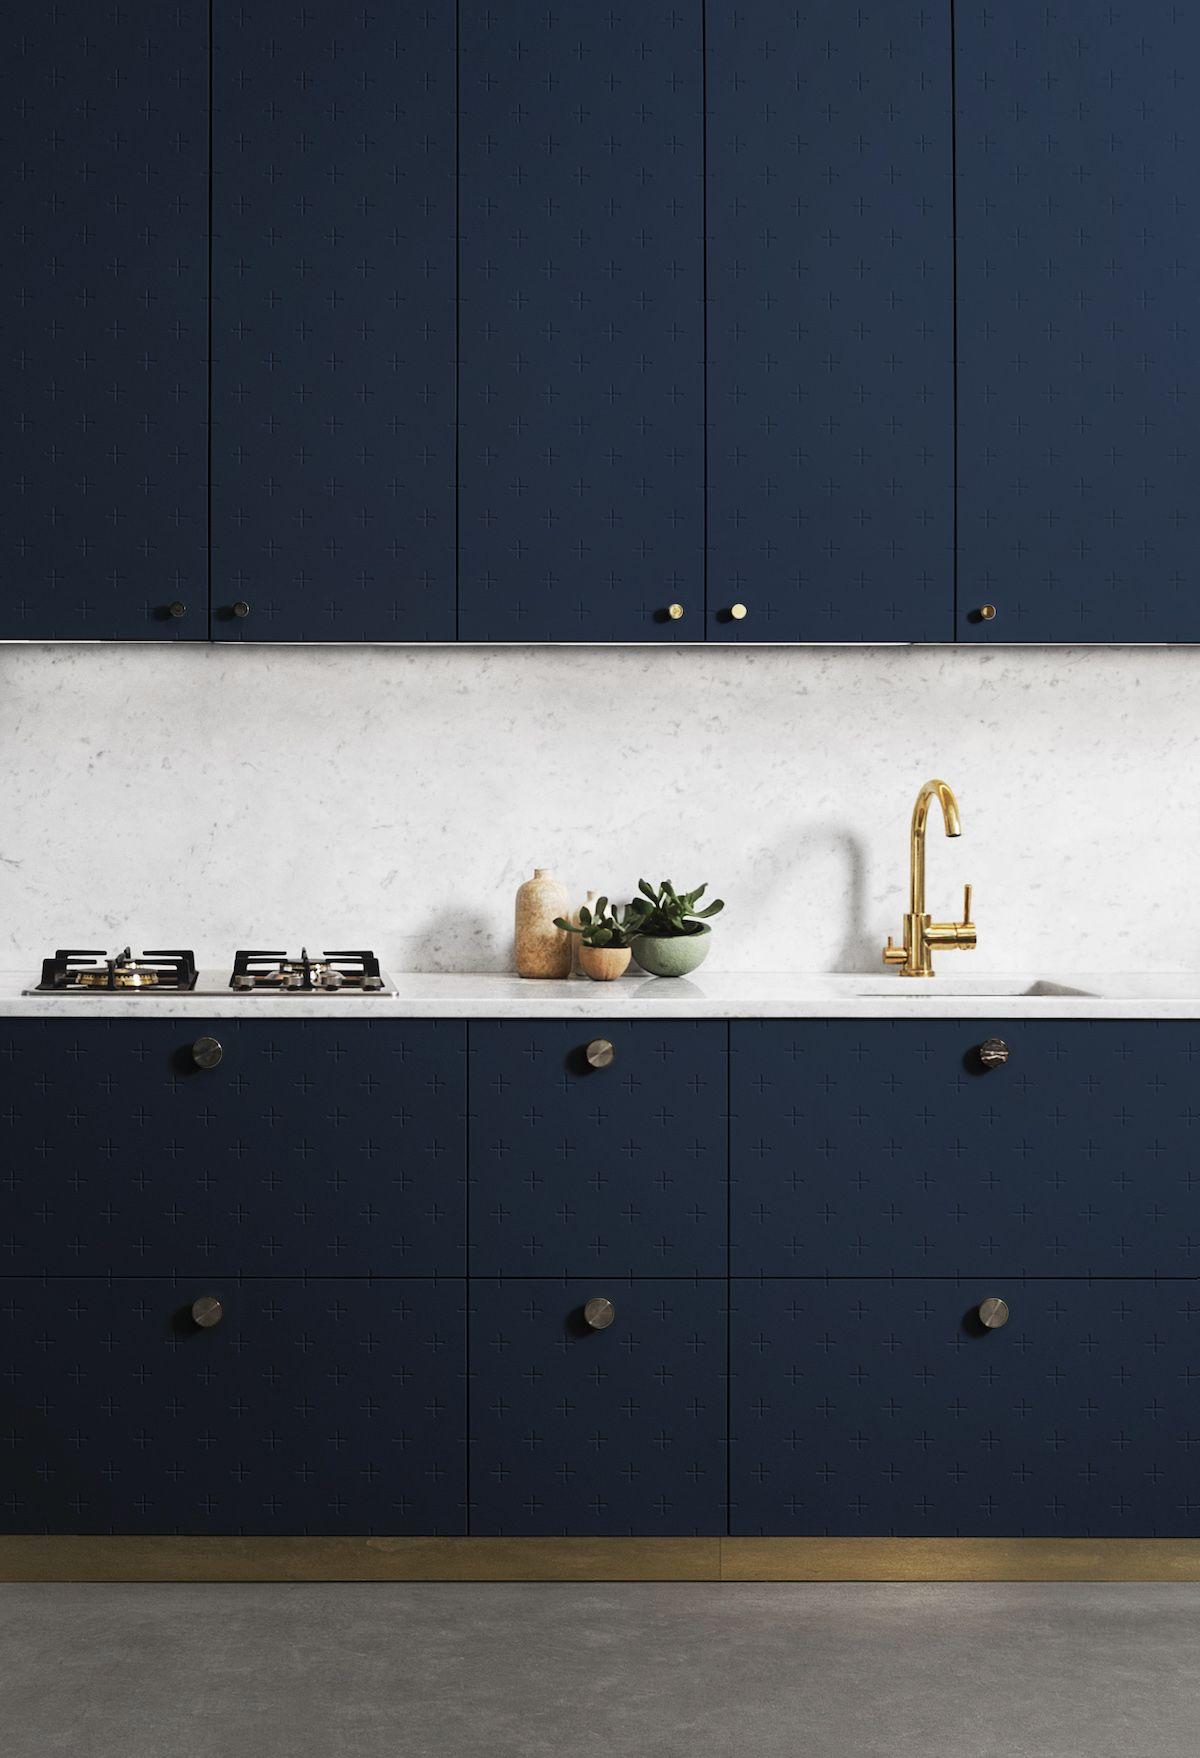 Superfront Avis Pour Transformer Cuisine Ikea Meuble De Cuisine Ikea Decoration Cuisine Et Cuisine Ikea